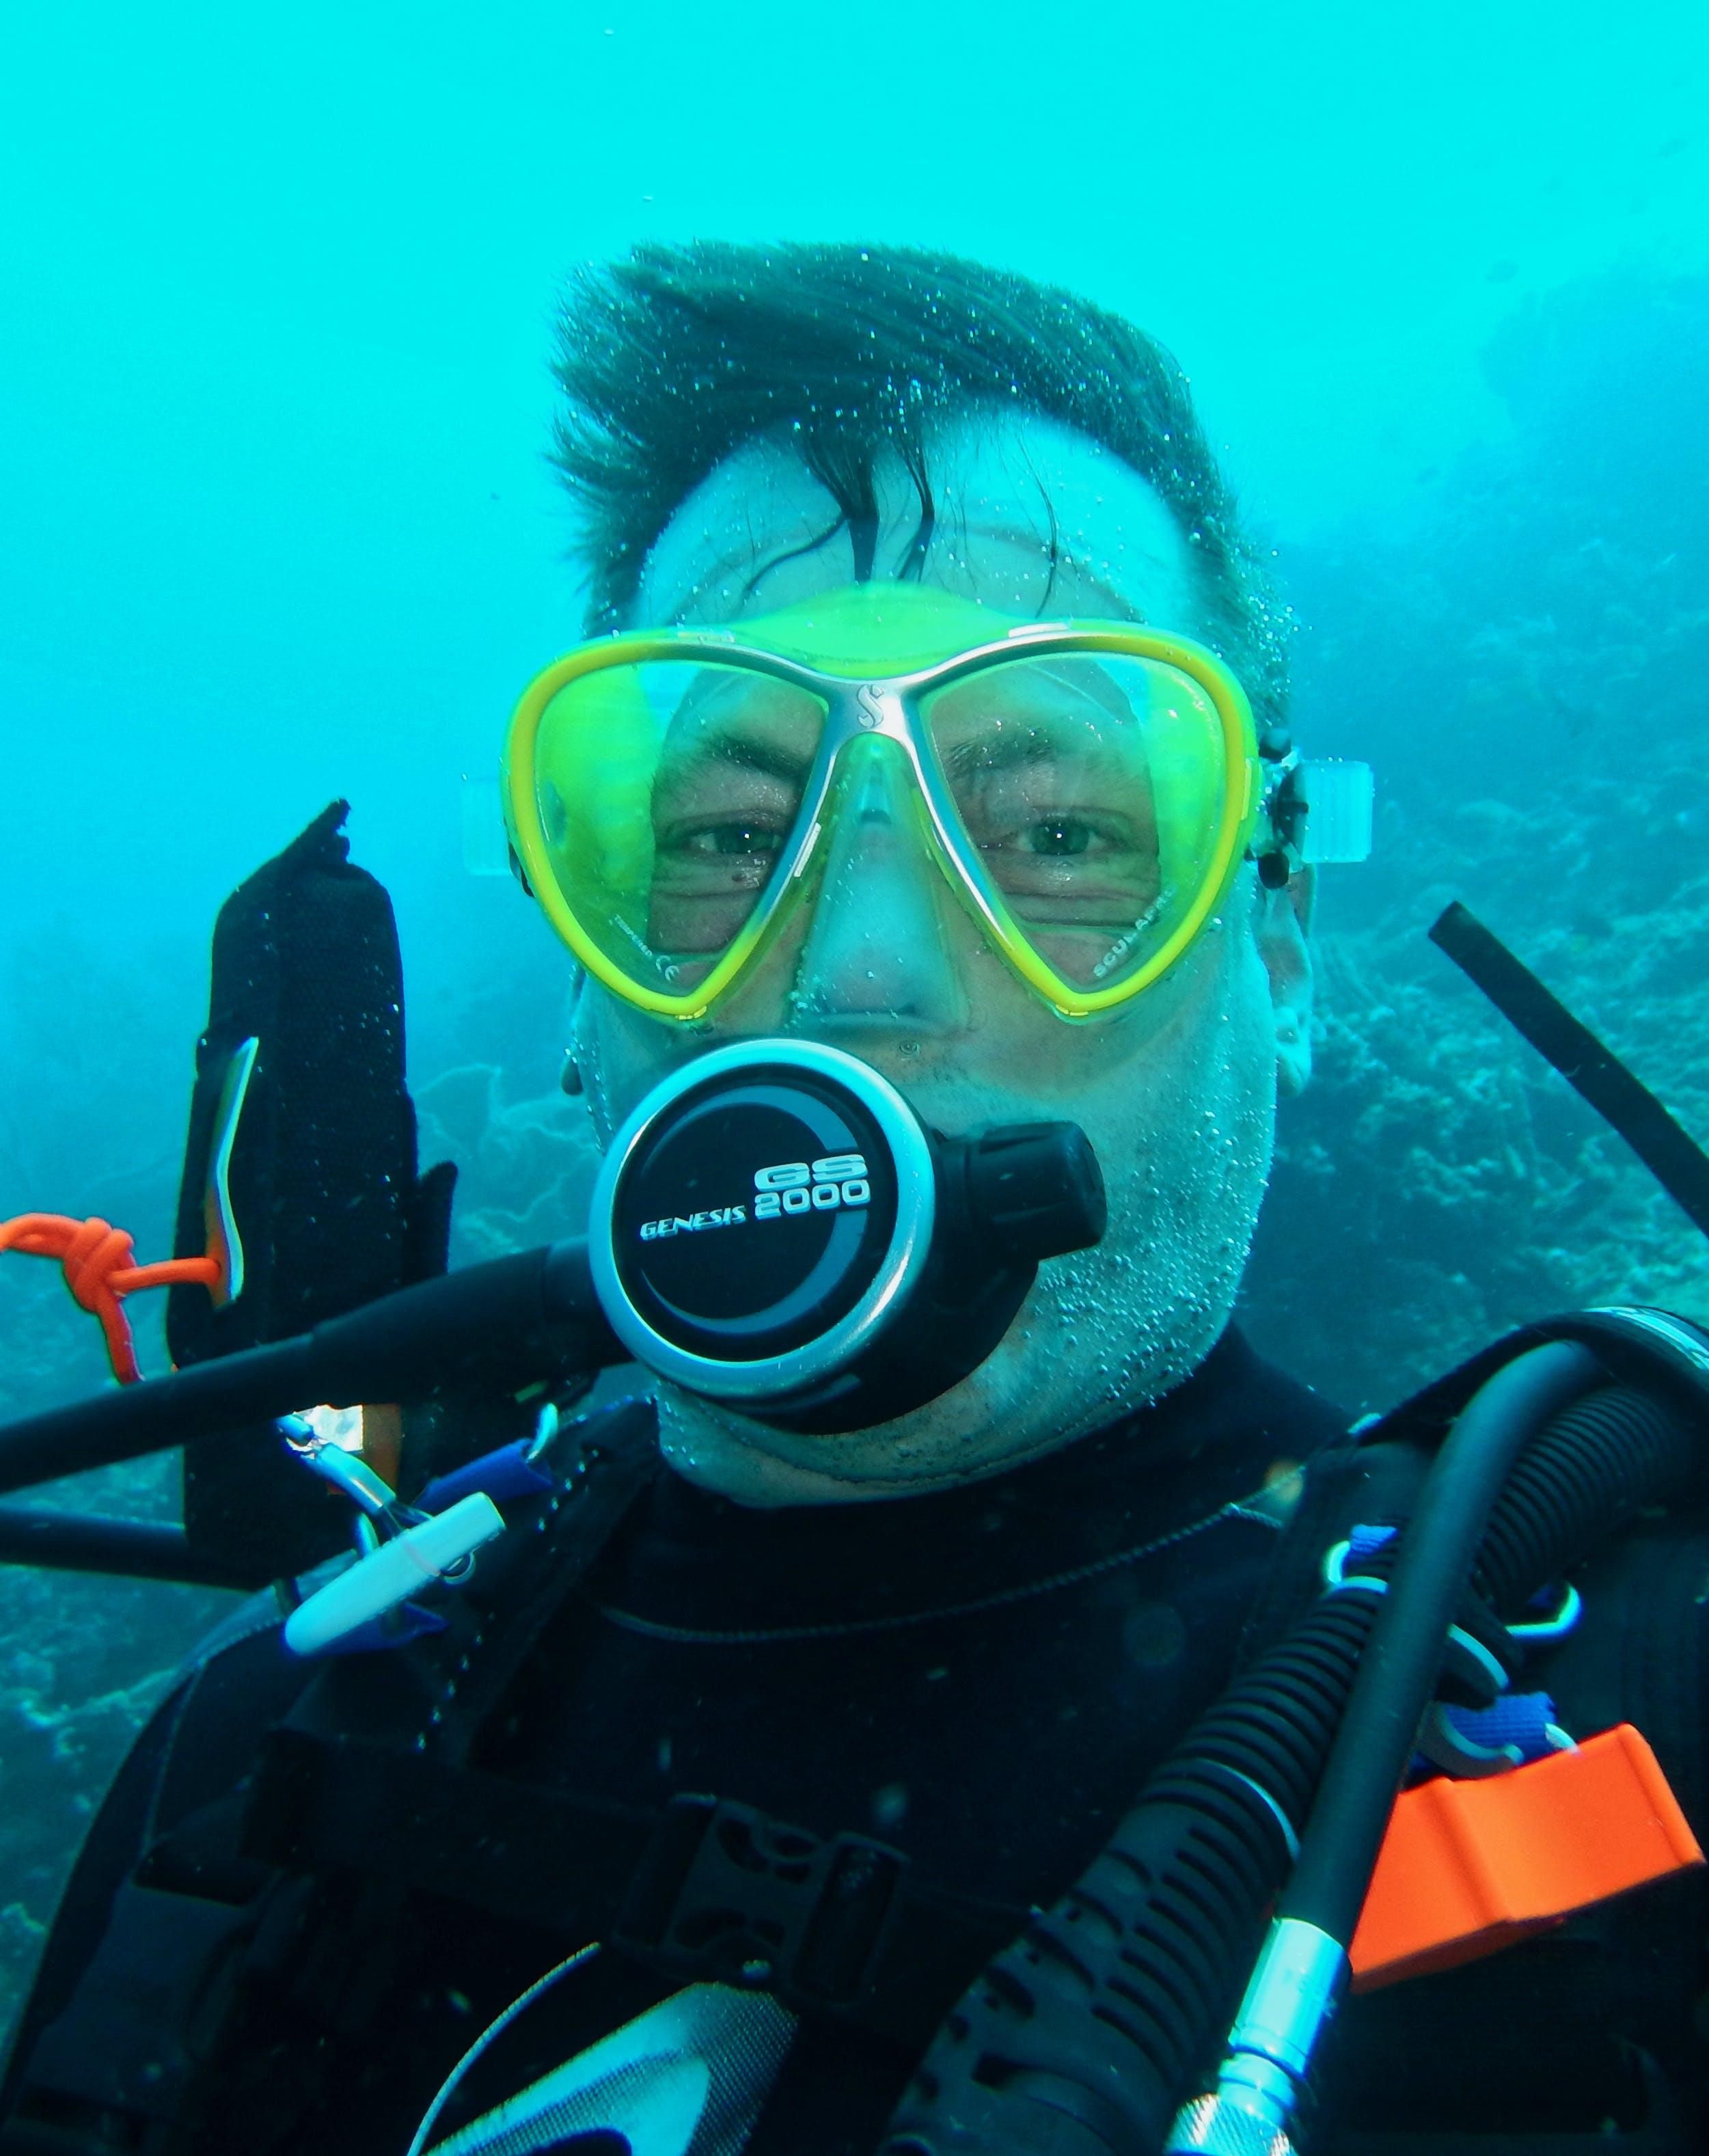 Kostnadsfri bild av djup, dyka, dykare, dykning